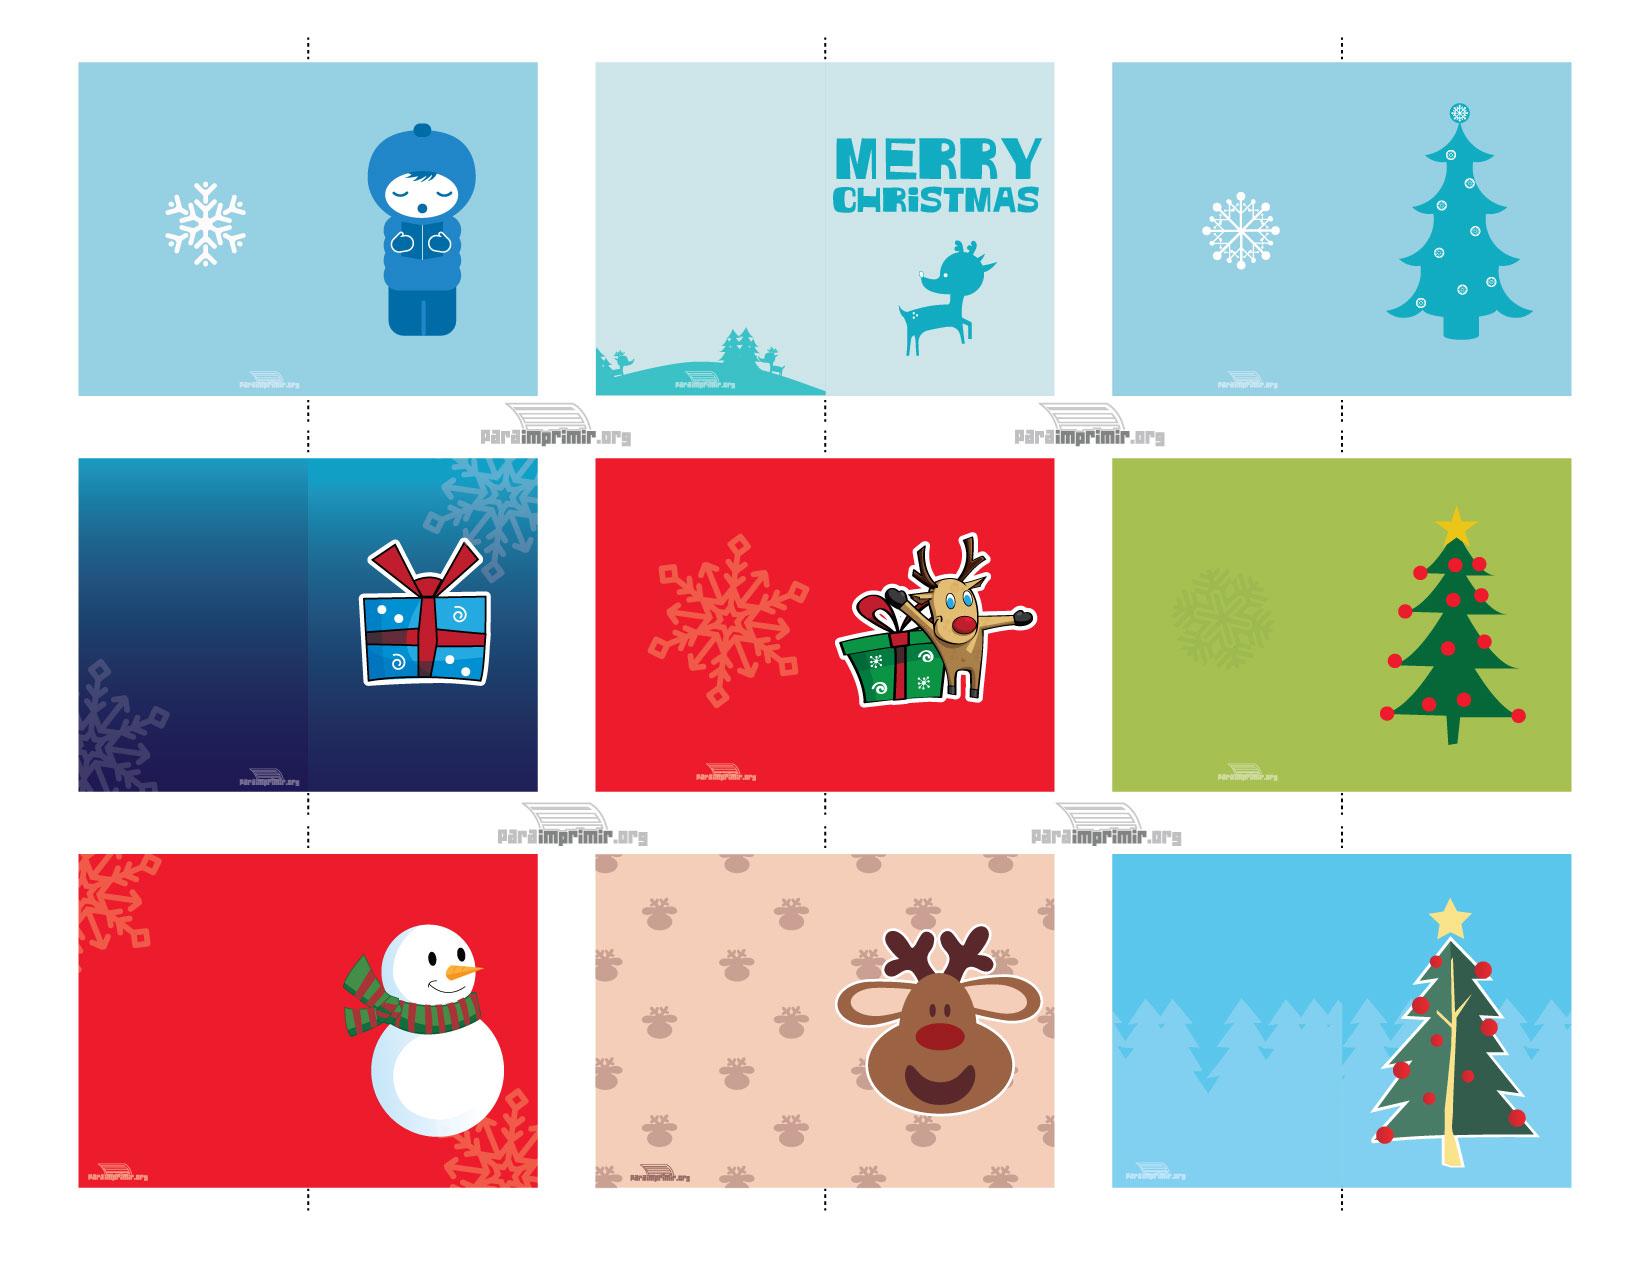 Etiquetas para regalo de navidad para imprimir - Etiquetas para regalos para imprimir ...